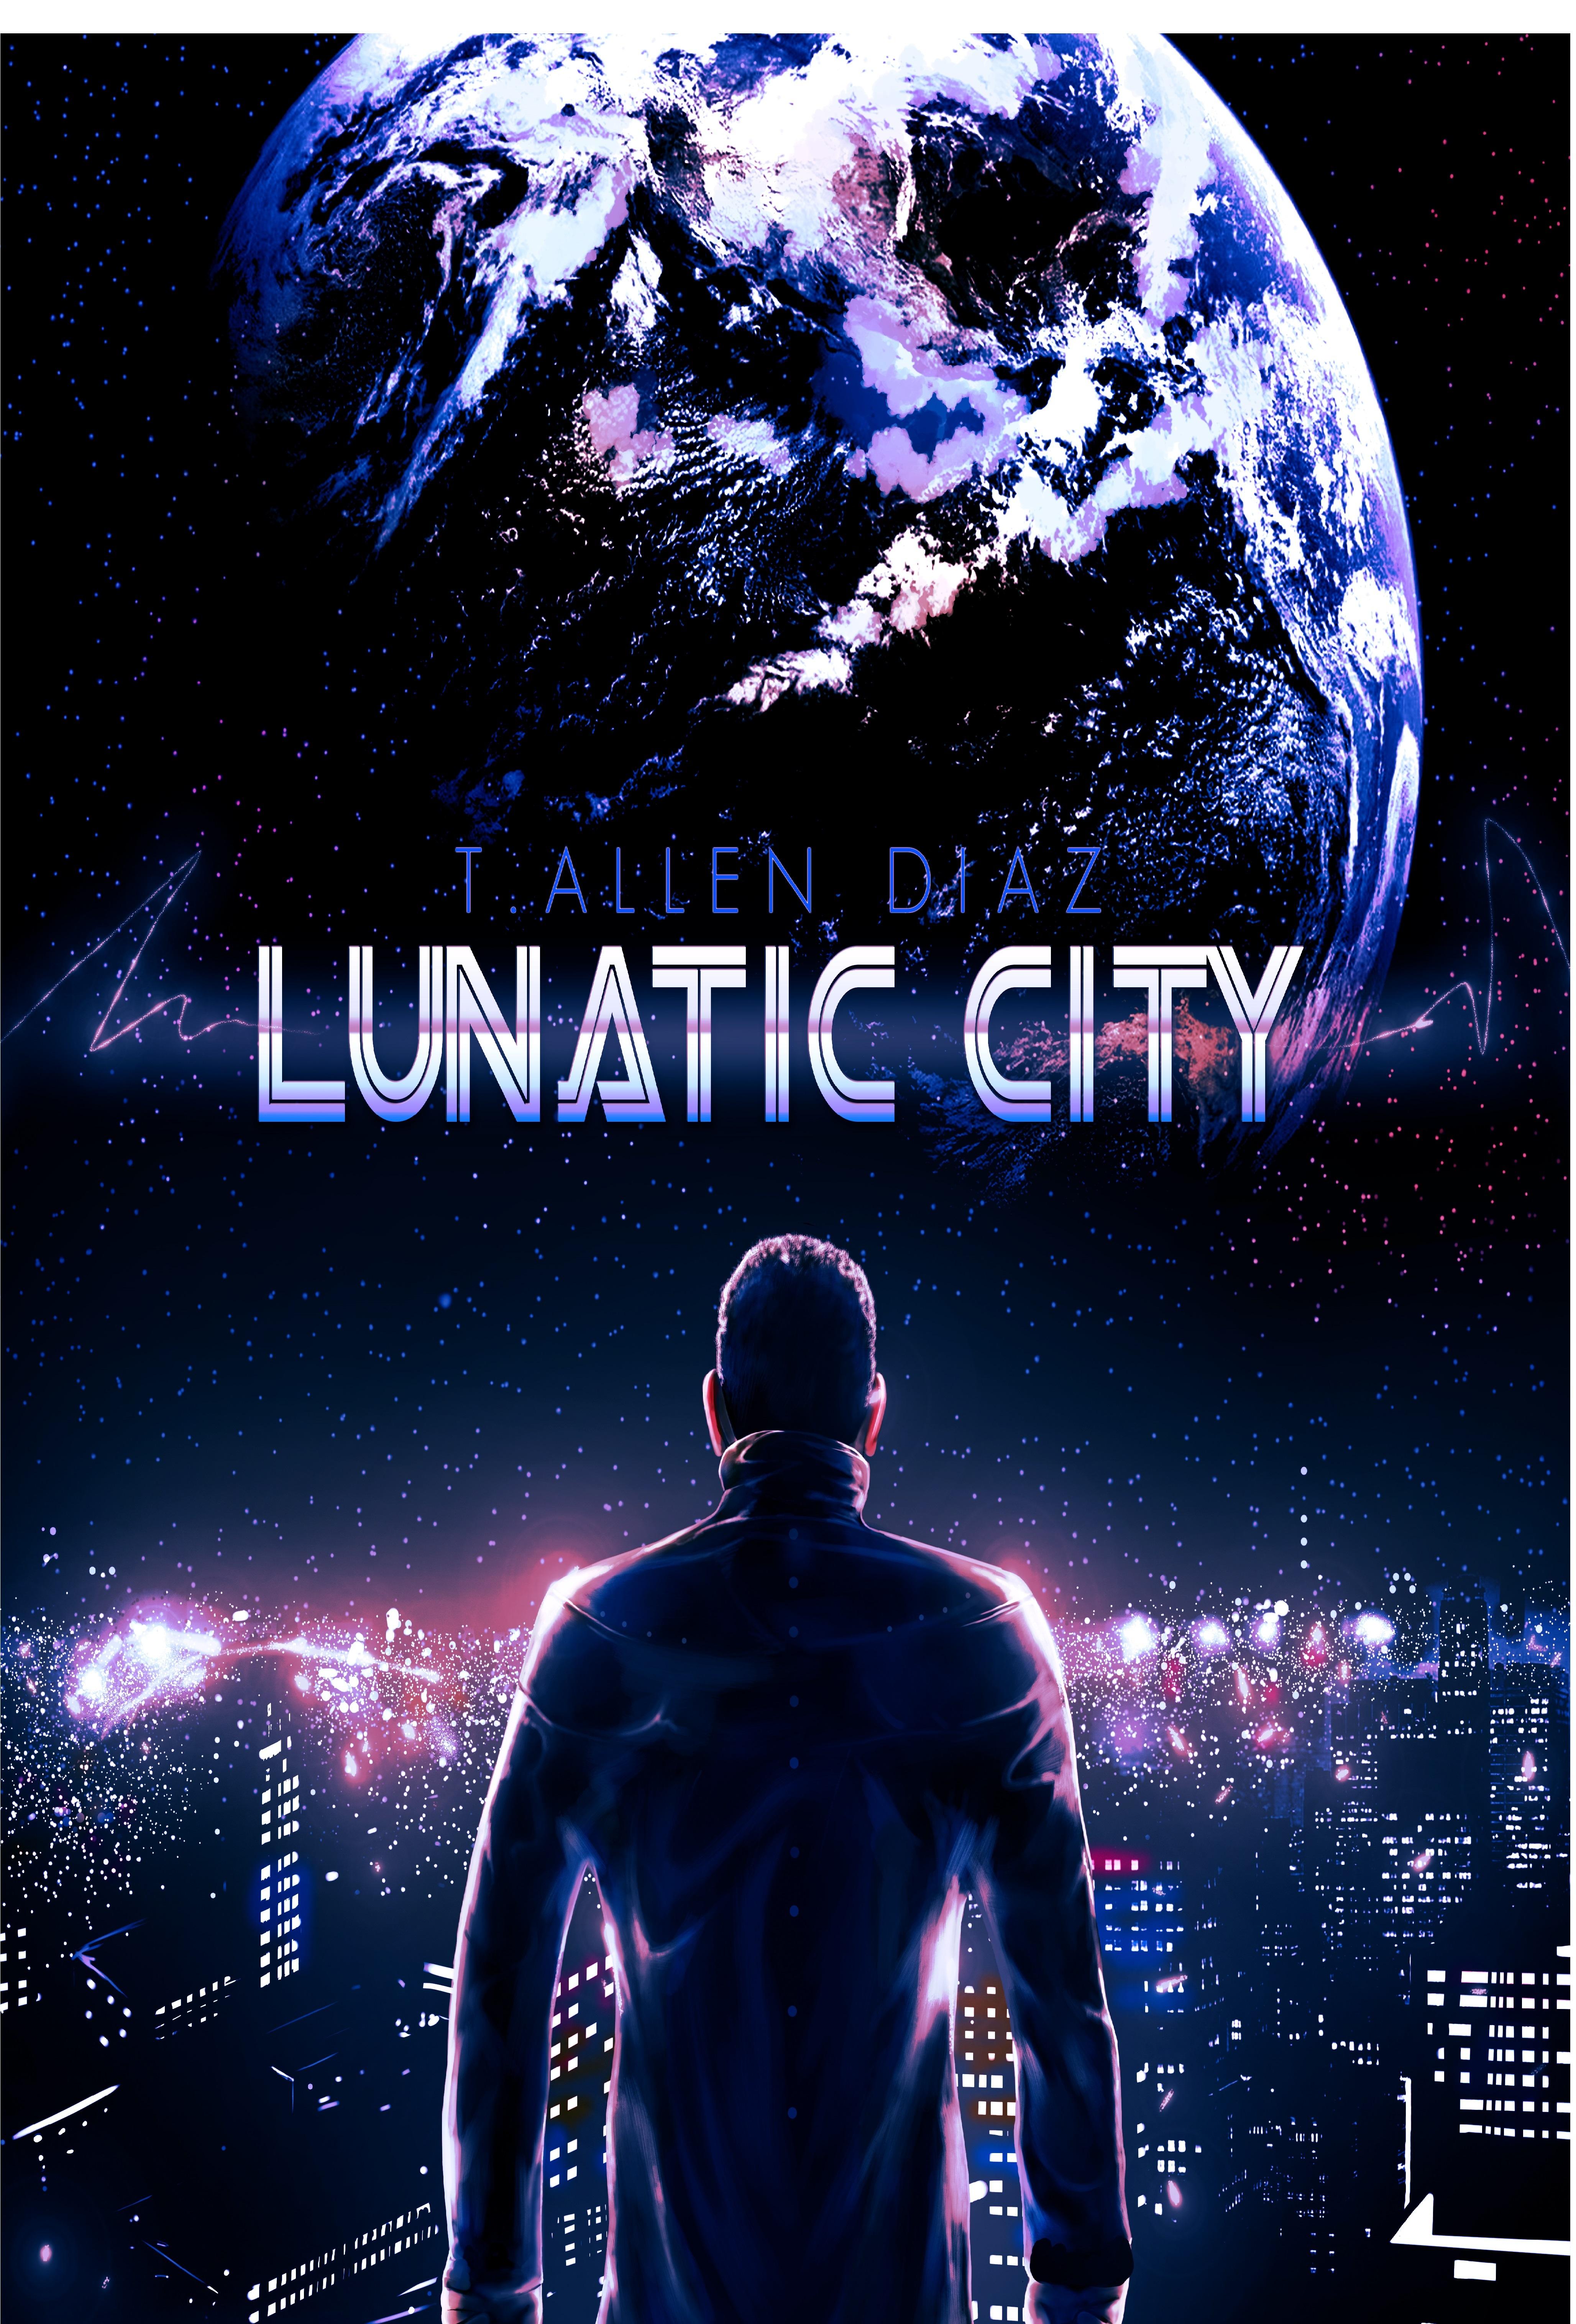 Lunatic City T. Allen Diaz